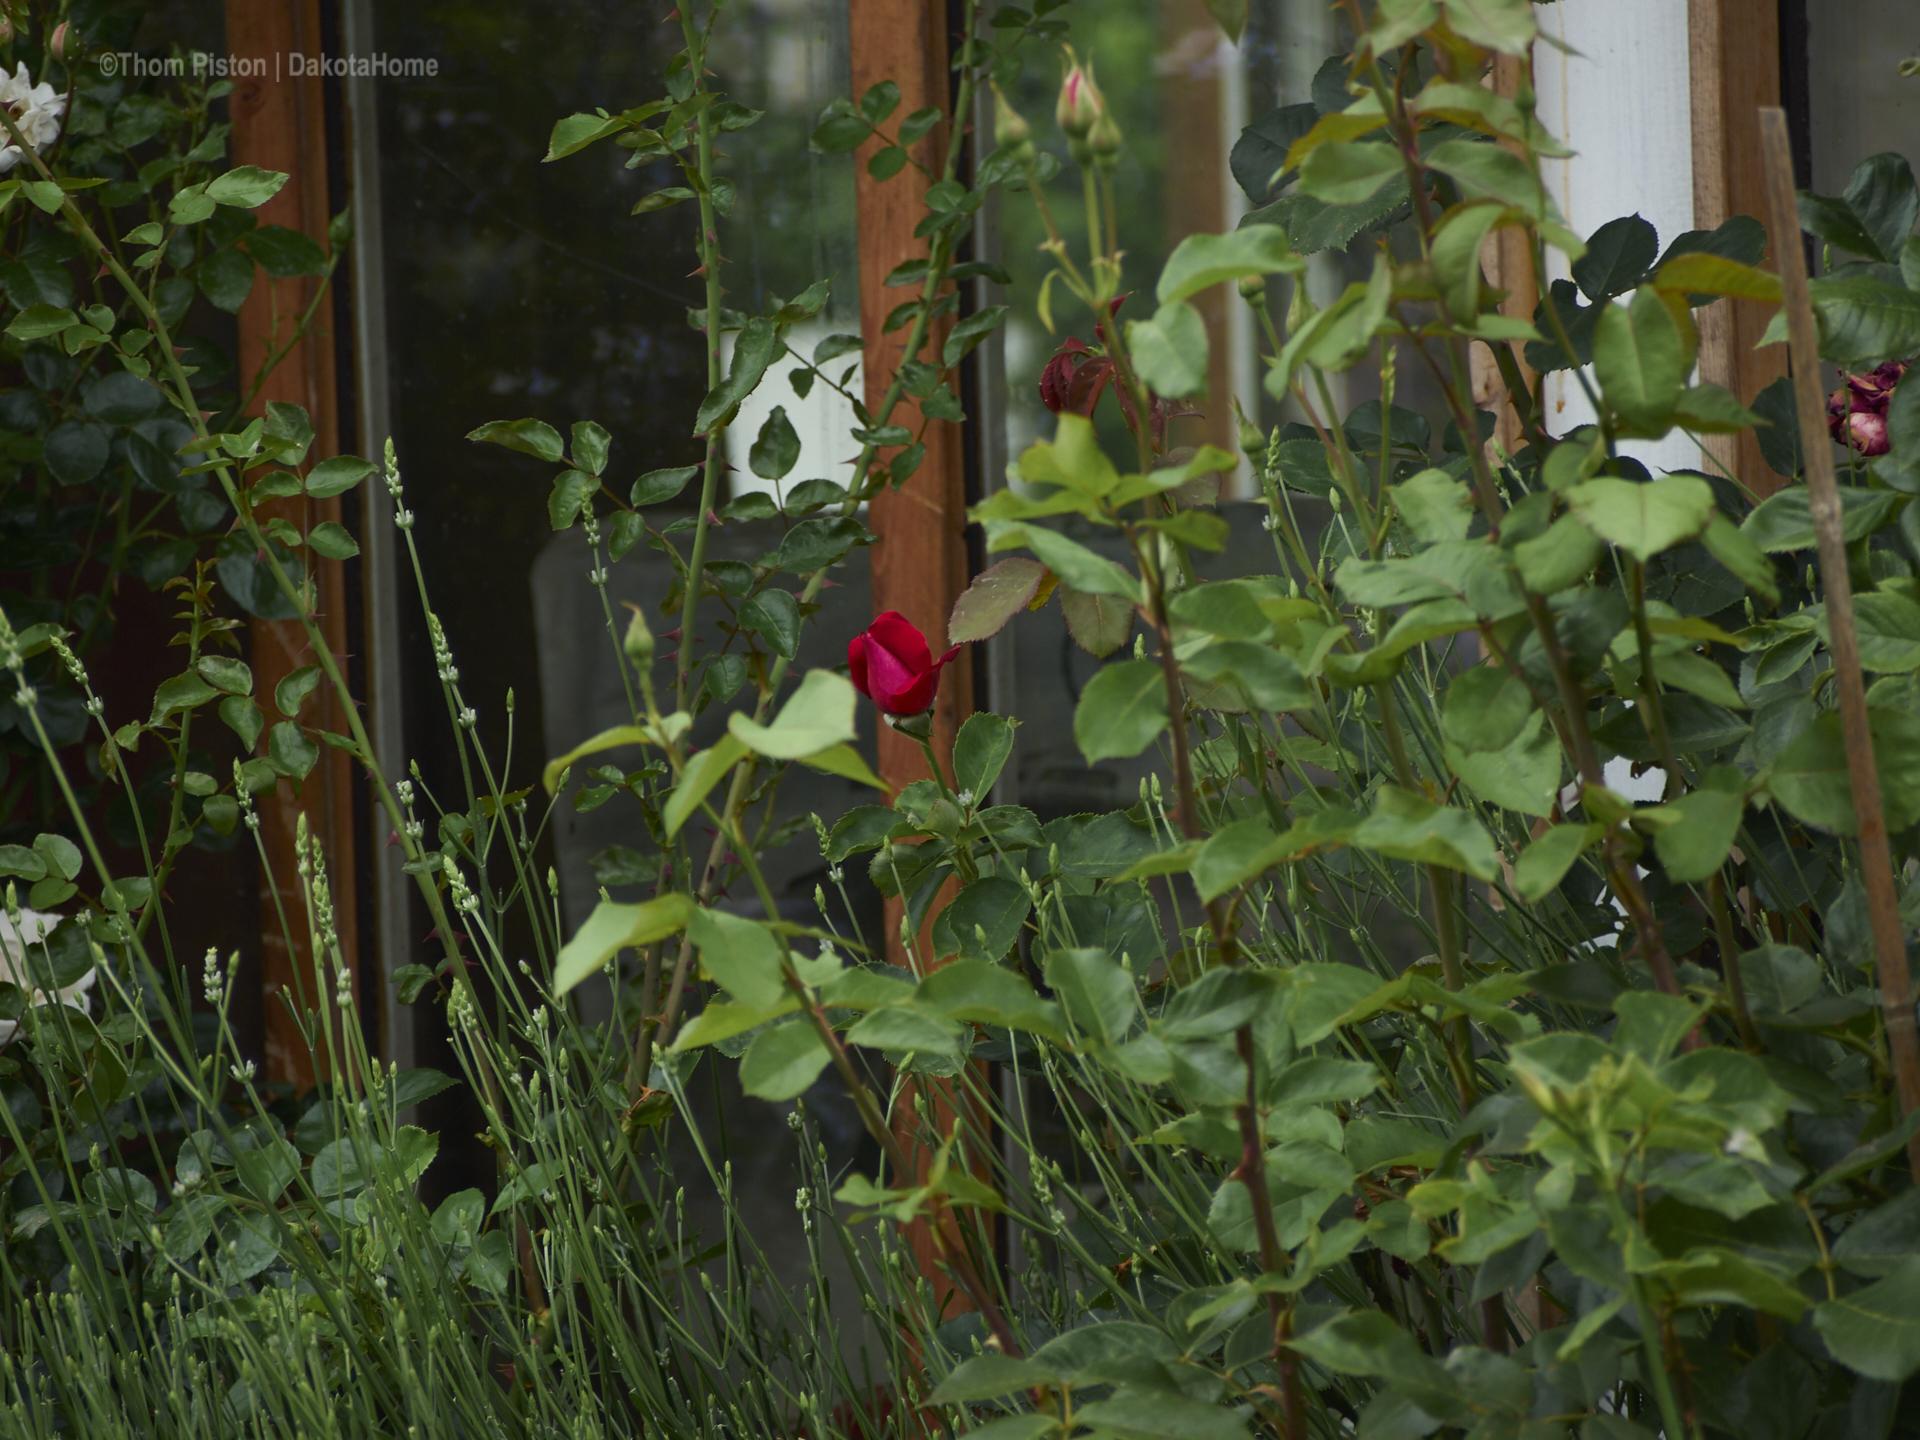 unsere geliebten Rosen geben alles..